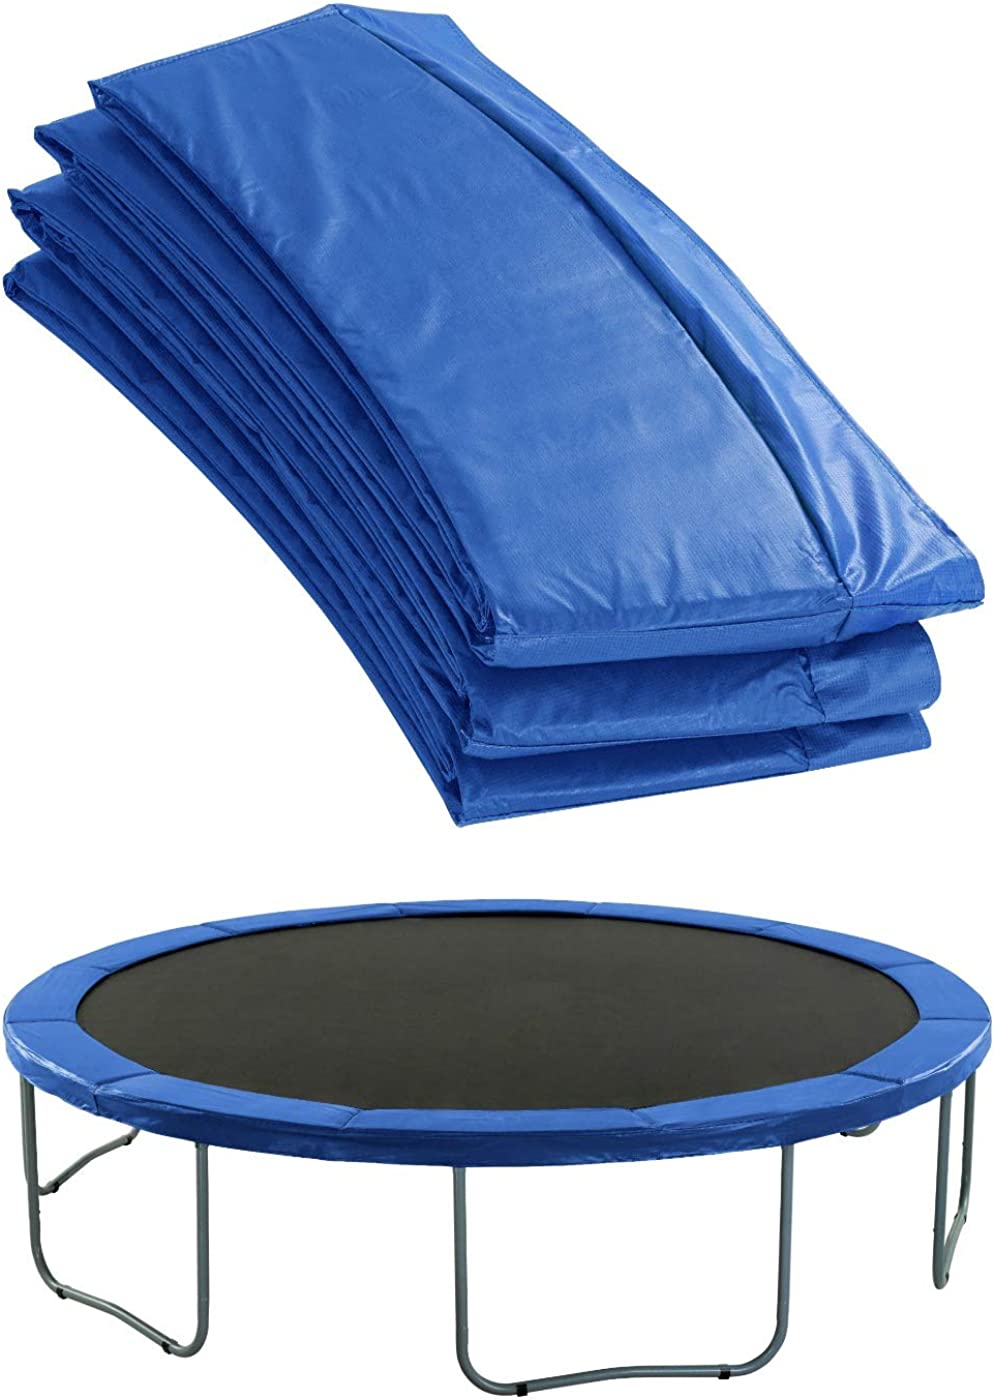 Upper Bounce - Cubierta de Protección para Bordes de Repuesto Premium (Cubre Resortes Muelles) para Cama Elástica Trampolín Redondo - Espesor 1.9 cm - Cerco 25.4 cm - Azul